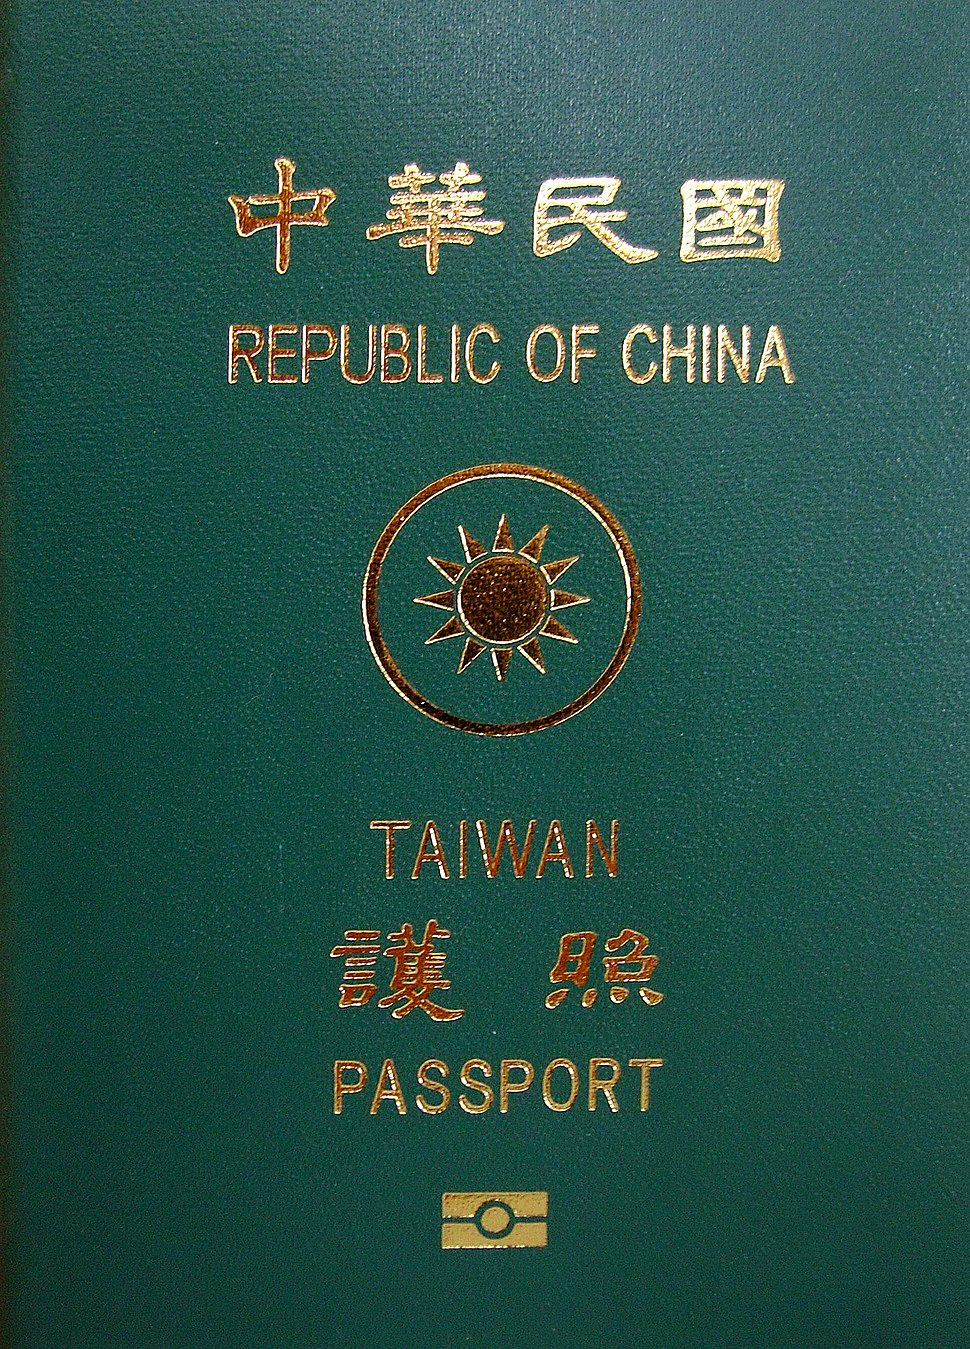 Taiwan ROC Passport.jpg